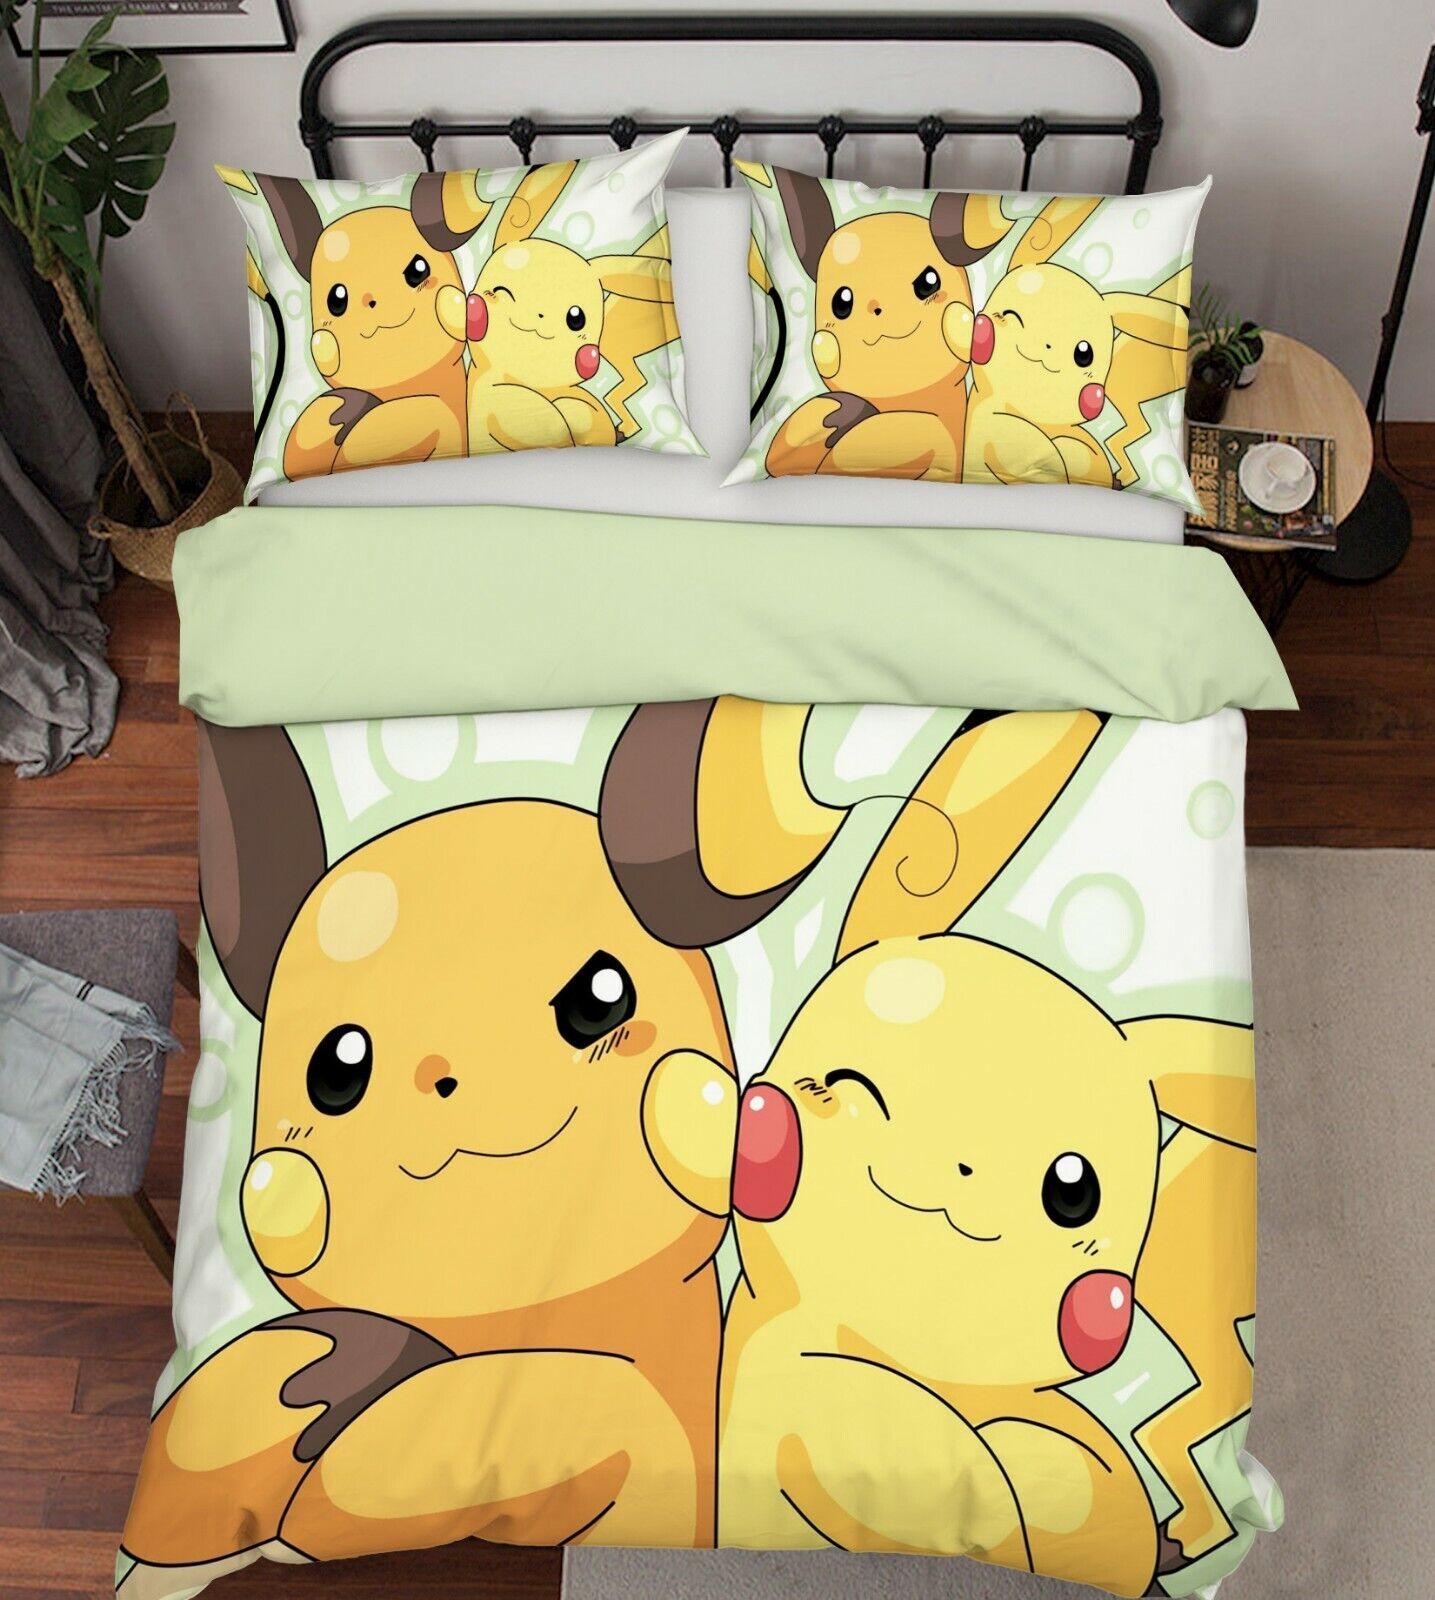 3D Duvet Cover for Pokemon 988 Japan Anime Bed Pillowcases Quilt Duvet Cover Wen